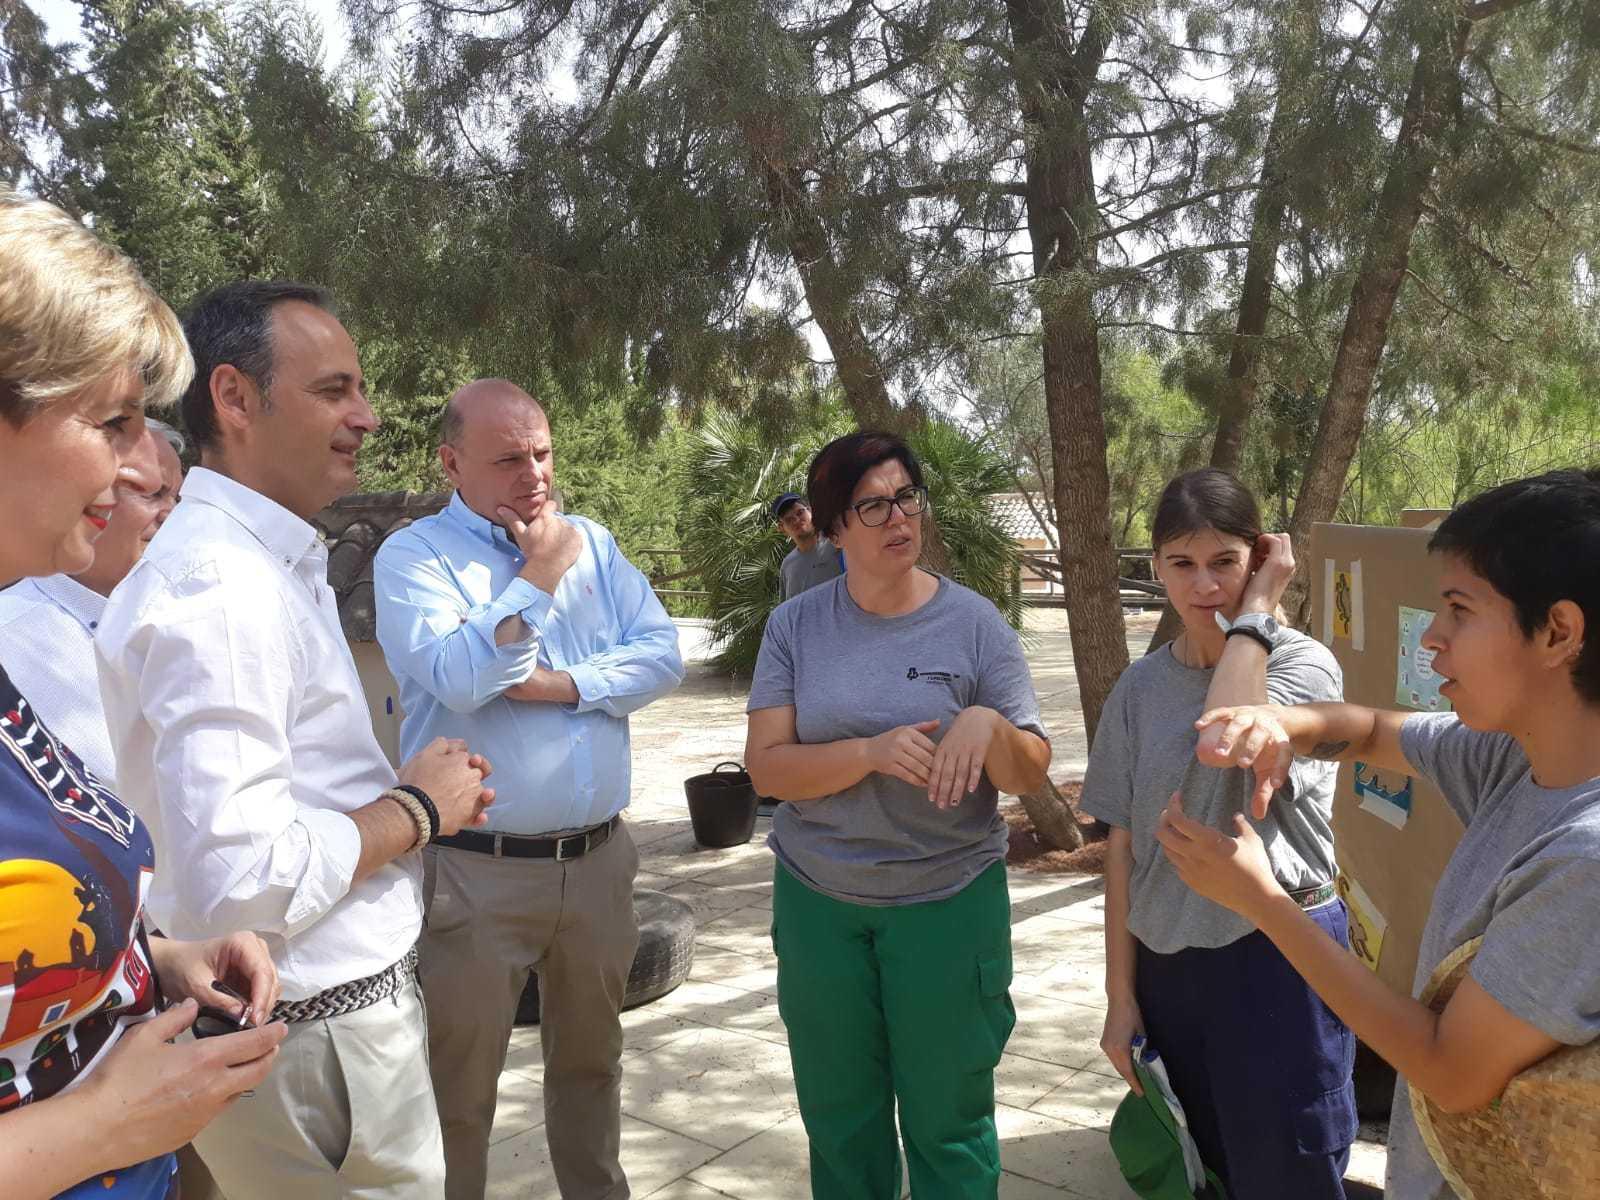 El consejero Javier Celdrán atiende las explicaciones de miembro de Fundown en su visita al Arboretum de El Valle. Imagen: CARM